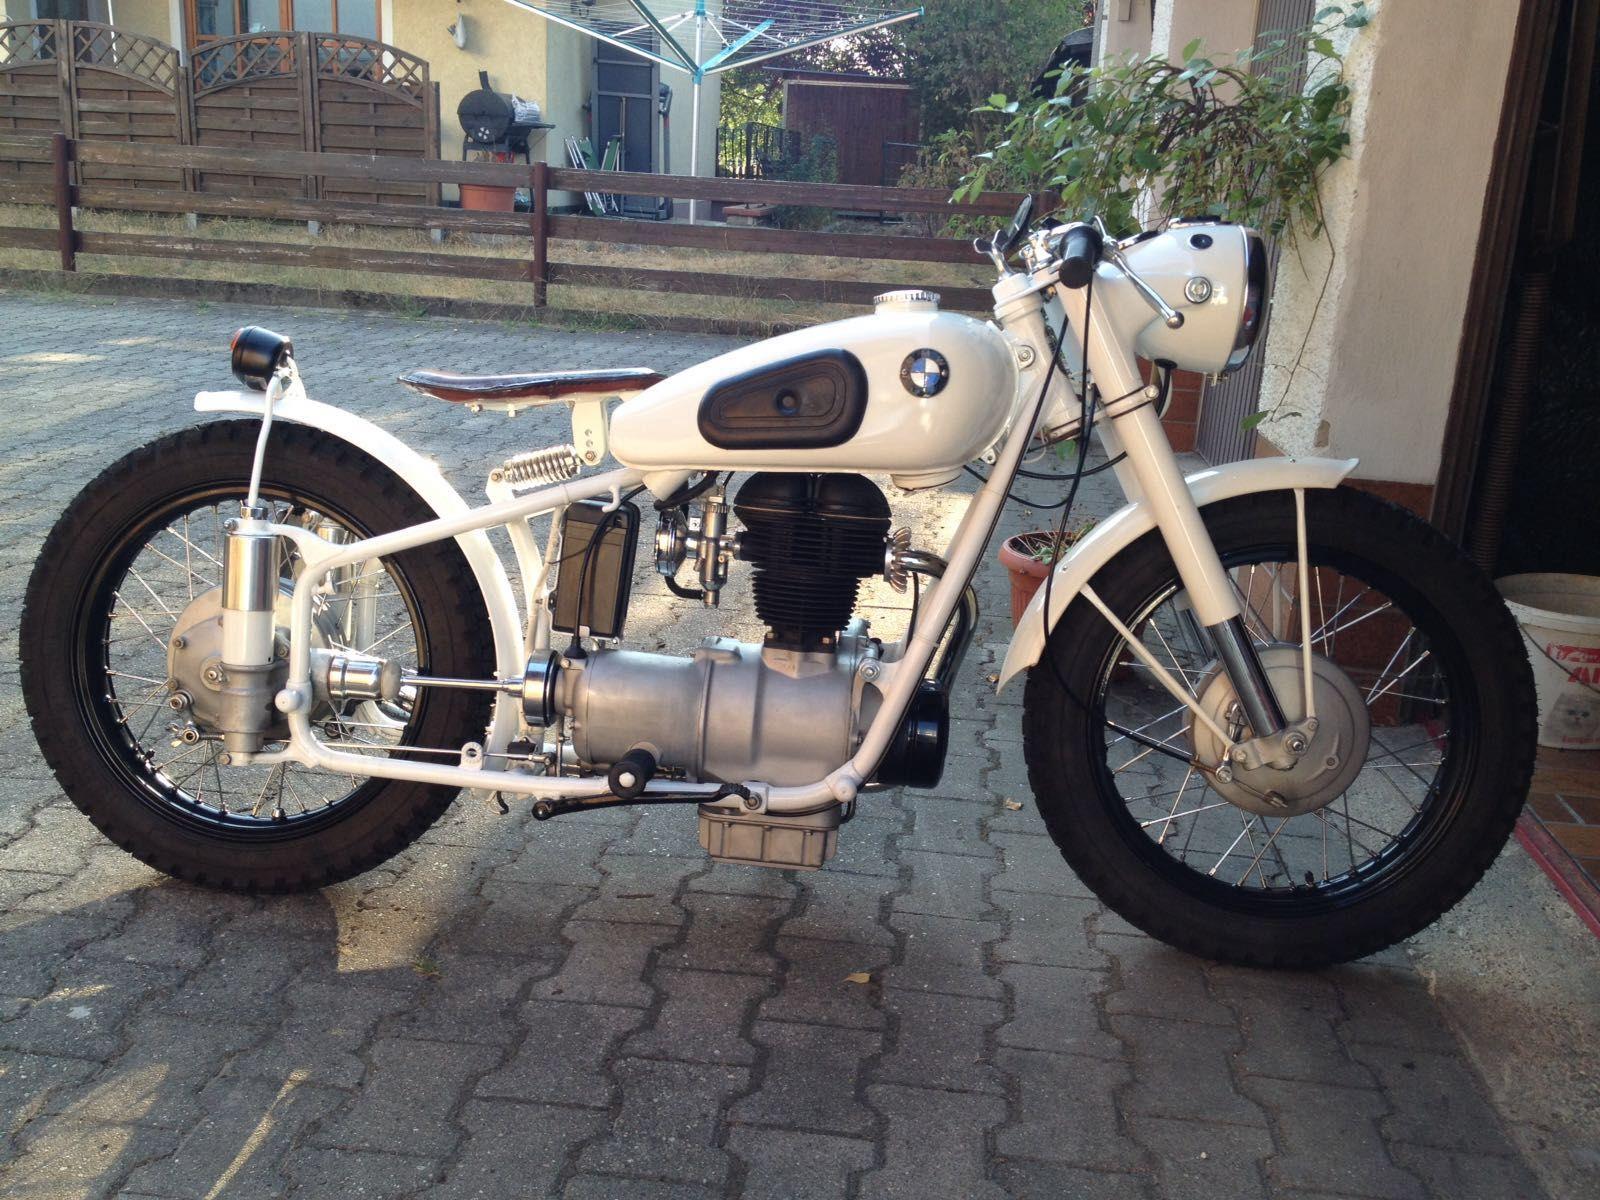 2er bmw r25 3 bj 54 ratis bone bikz pinterest bmw moto bike and bobbers. Black Bedroom Furniture Sets. Home Design Ideas